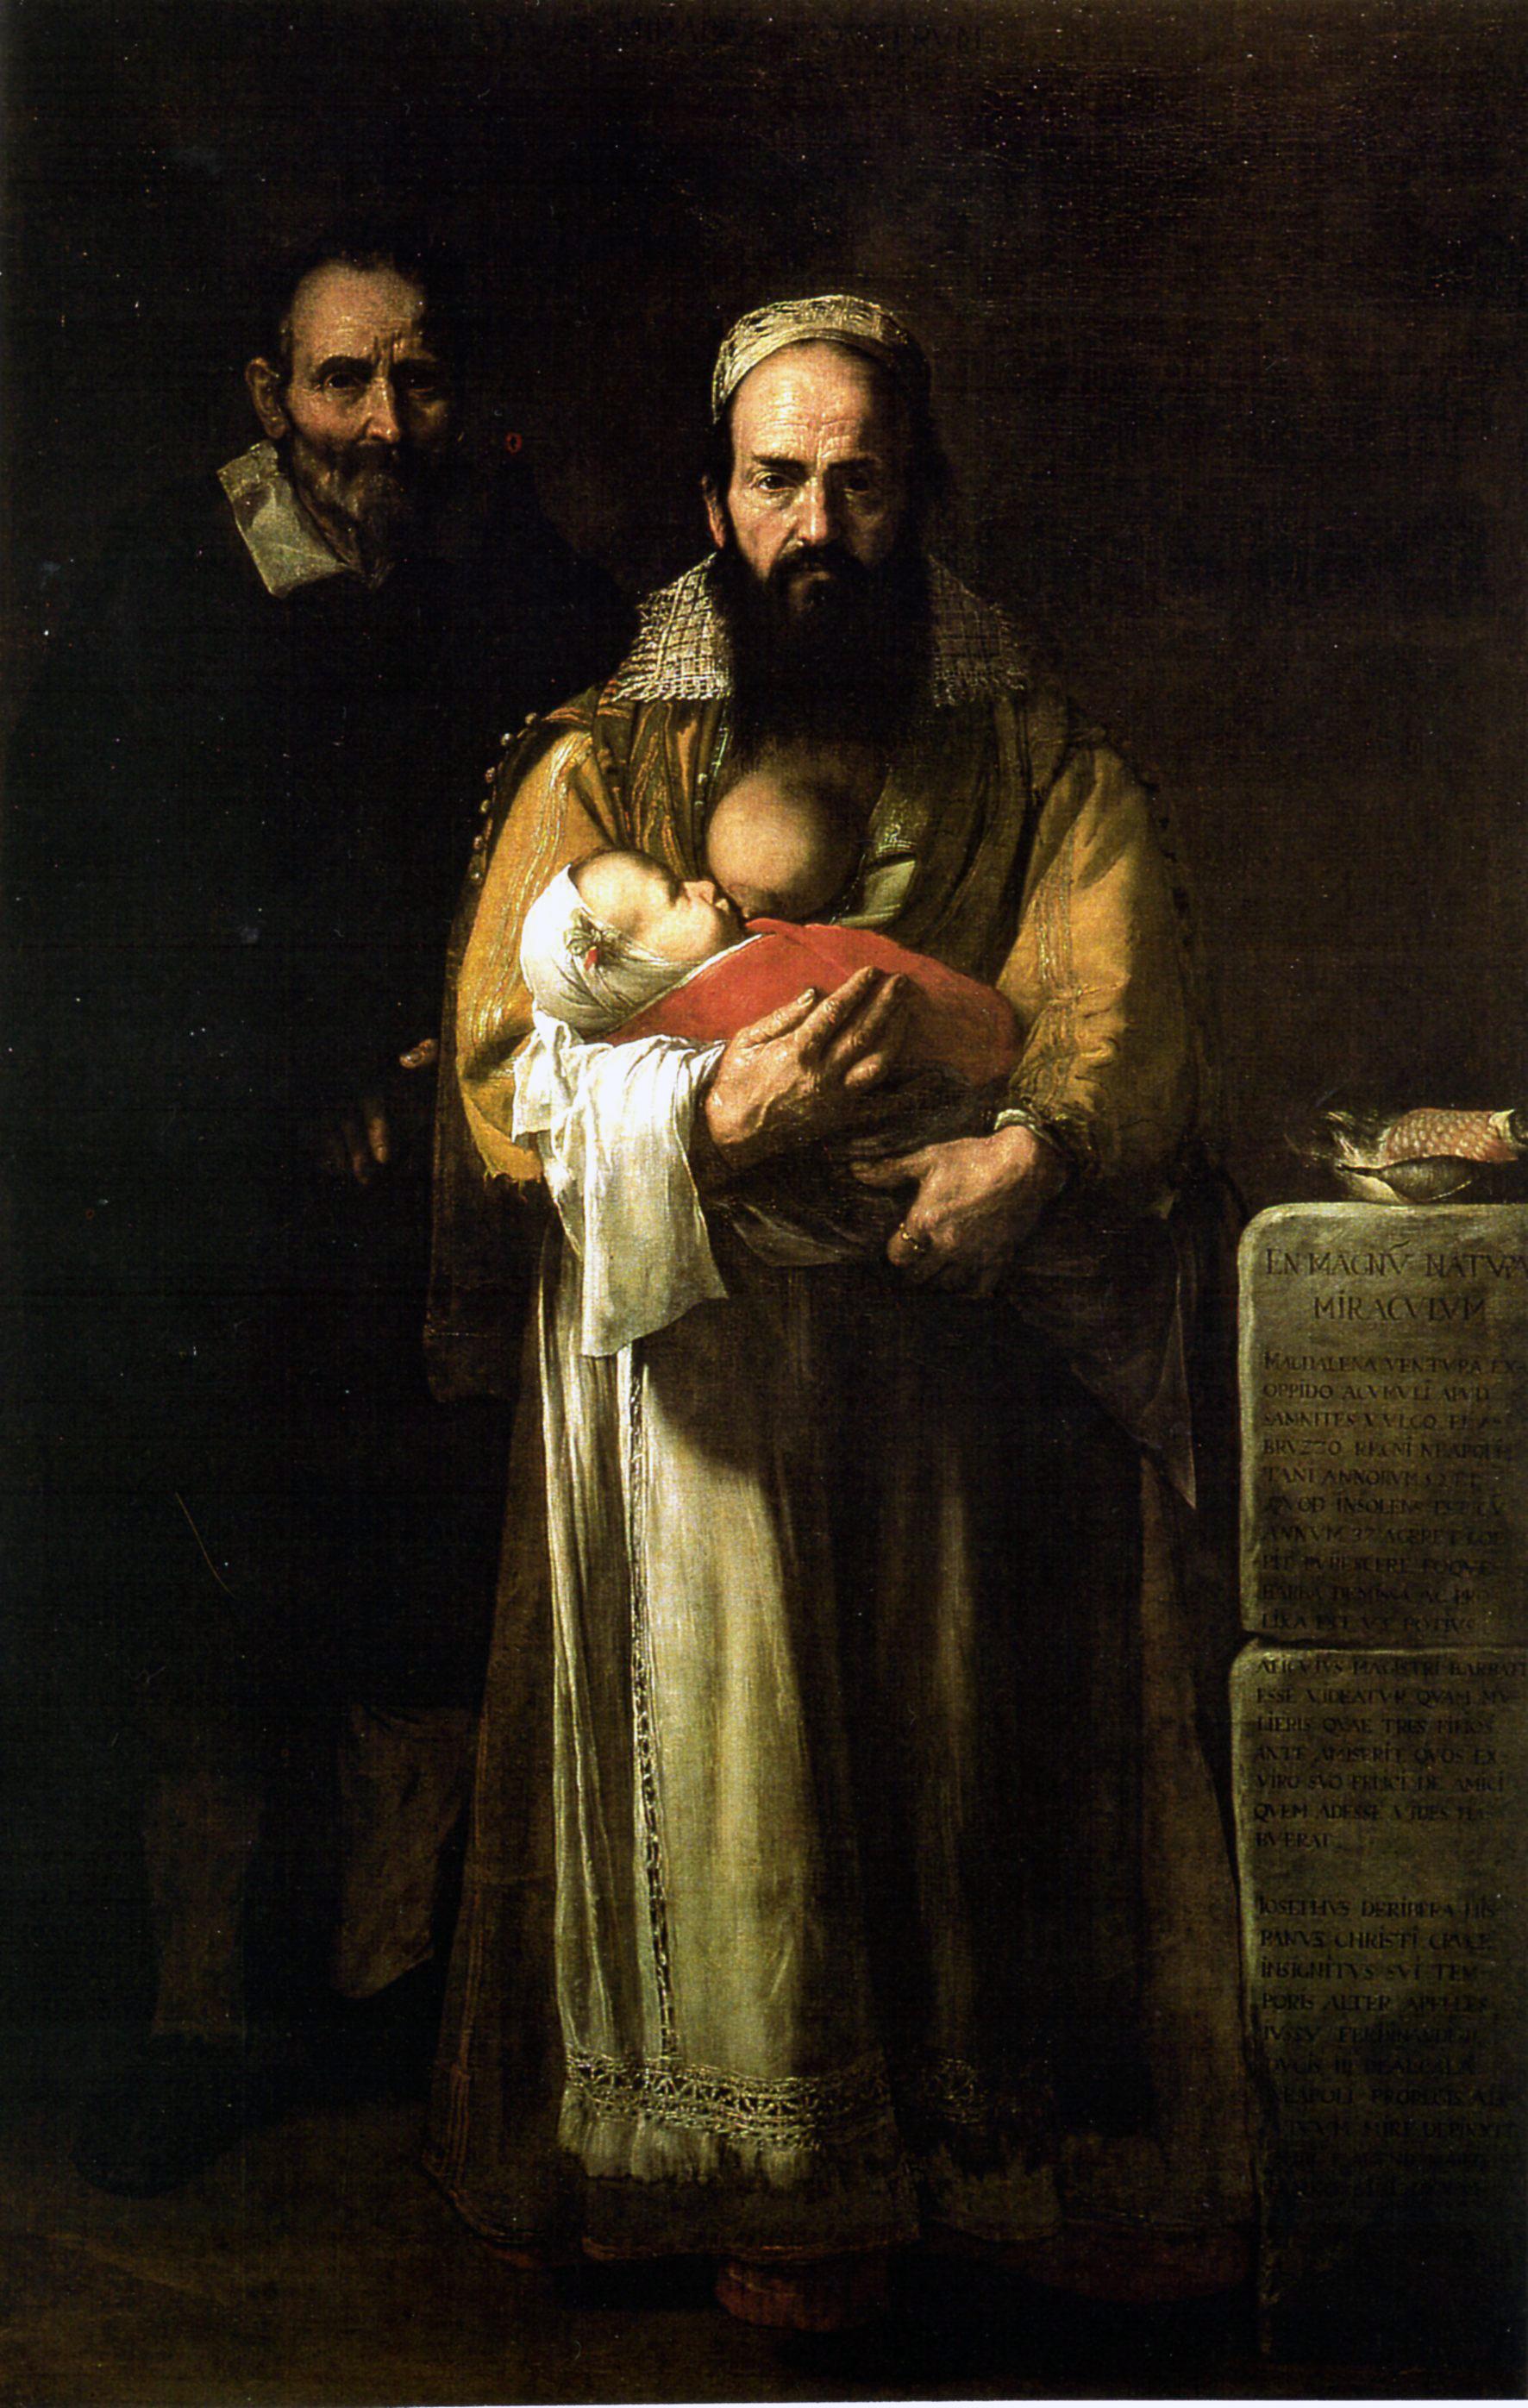 Magdalena Ventura férjével és gyermekével, Jusepe de Ribera festményén (forrás: Wikipedia)